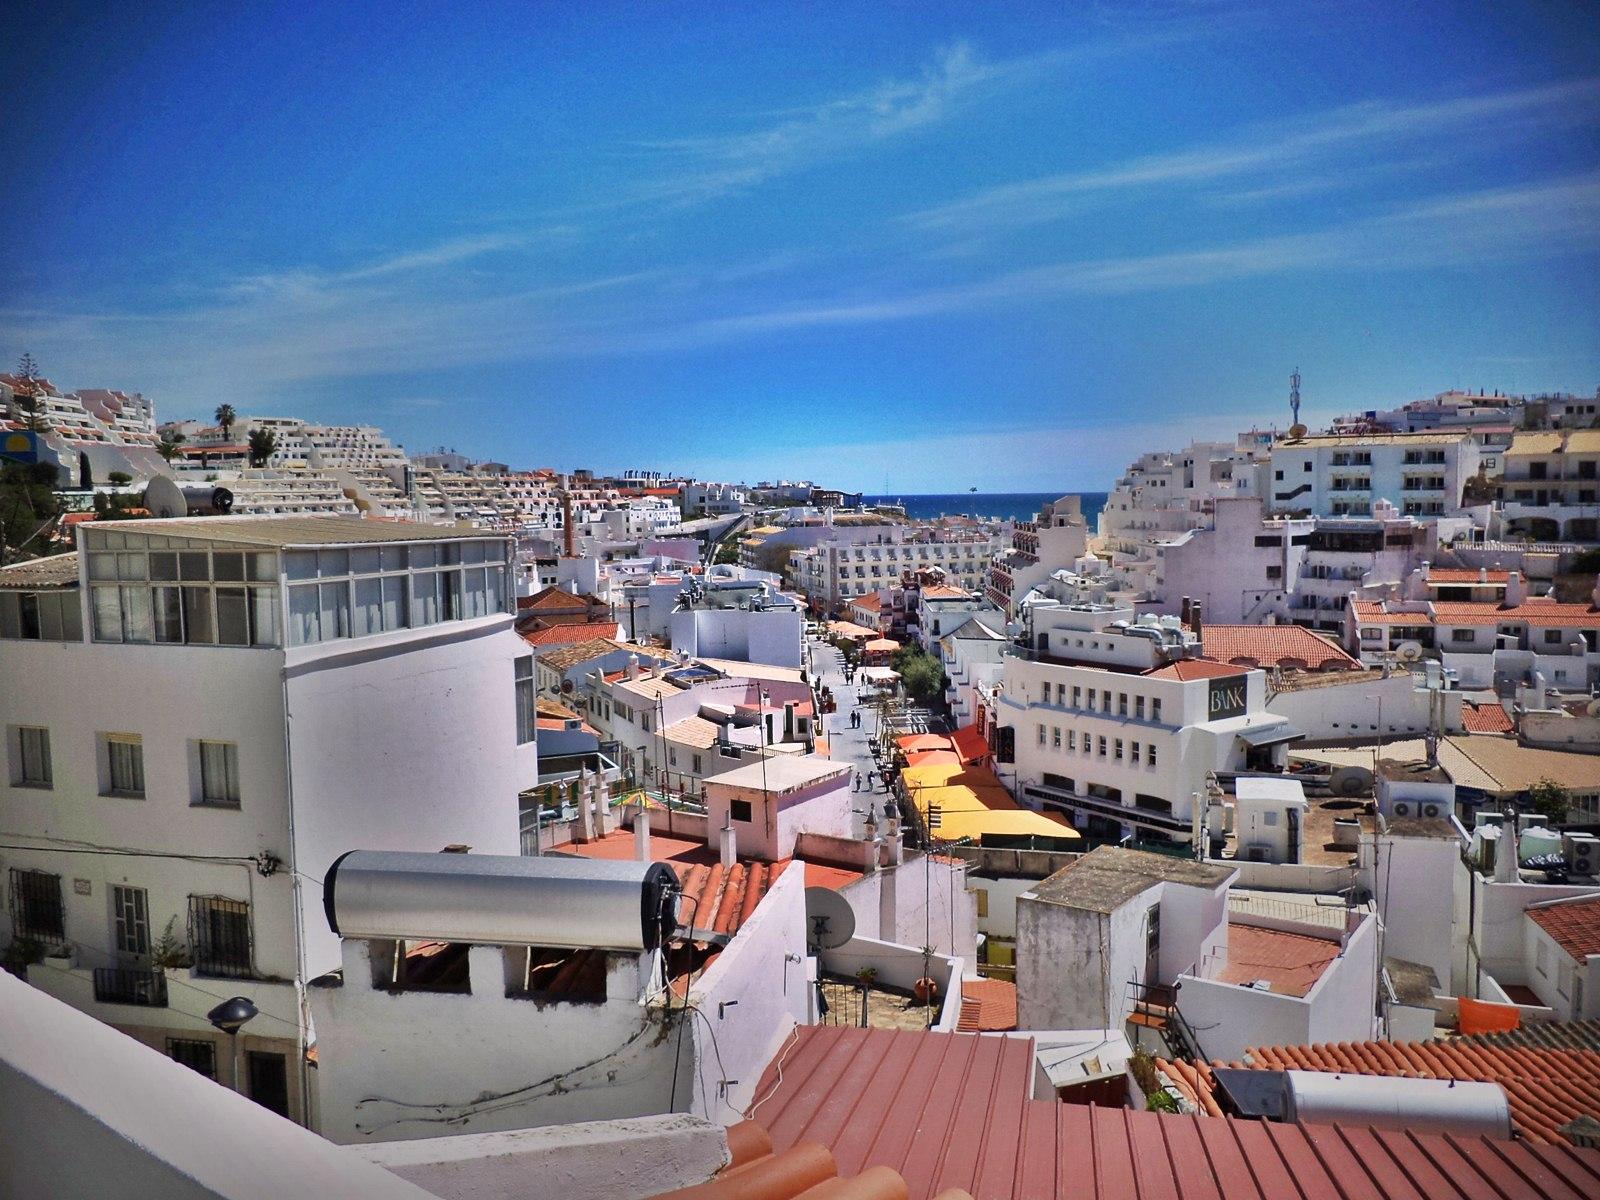 #2D639E23492184 Albufeira Old Town Vakantie Algarve.jpg Meest effectief Luxe Vakantie Portugal 3705 behang 160012003705 afbeeldingen